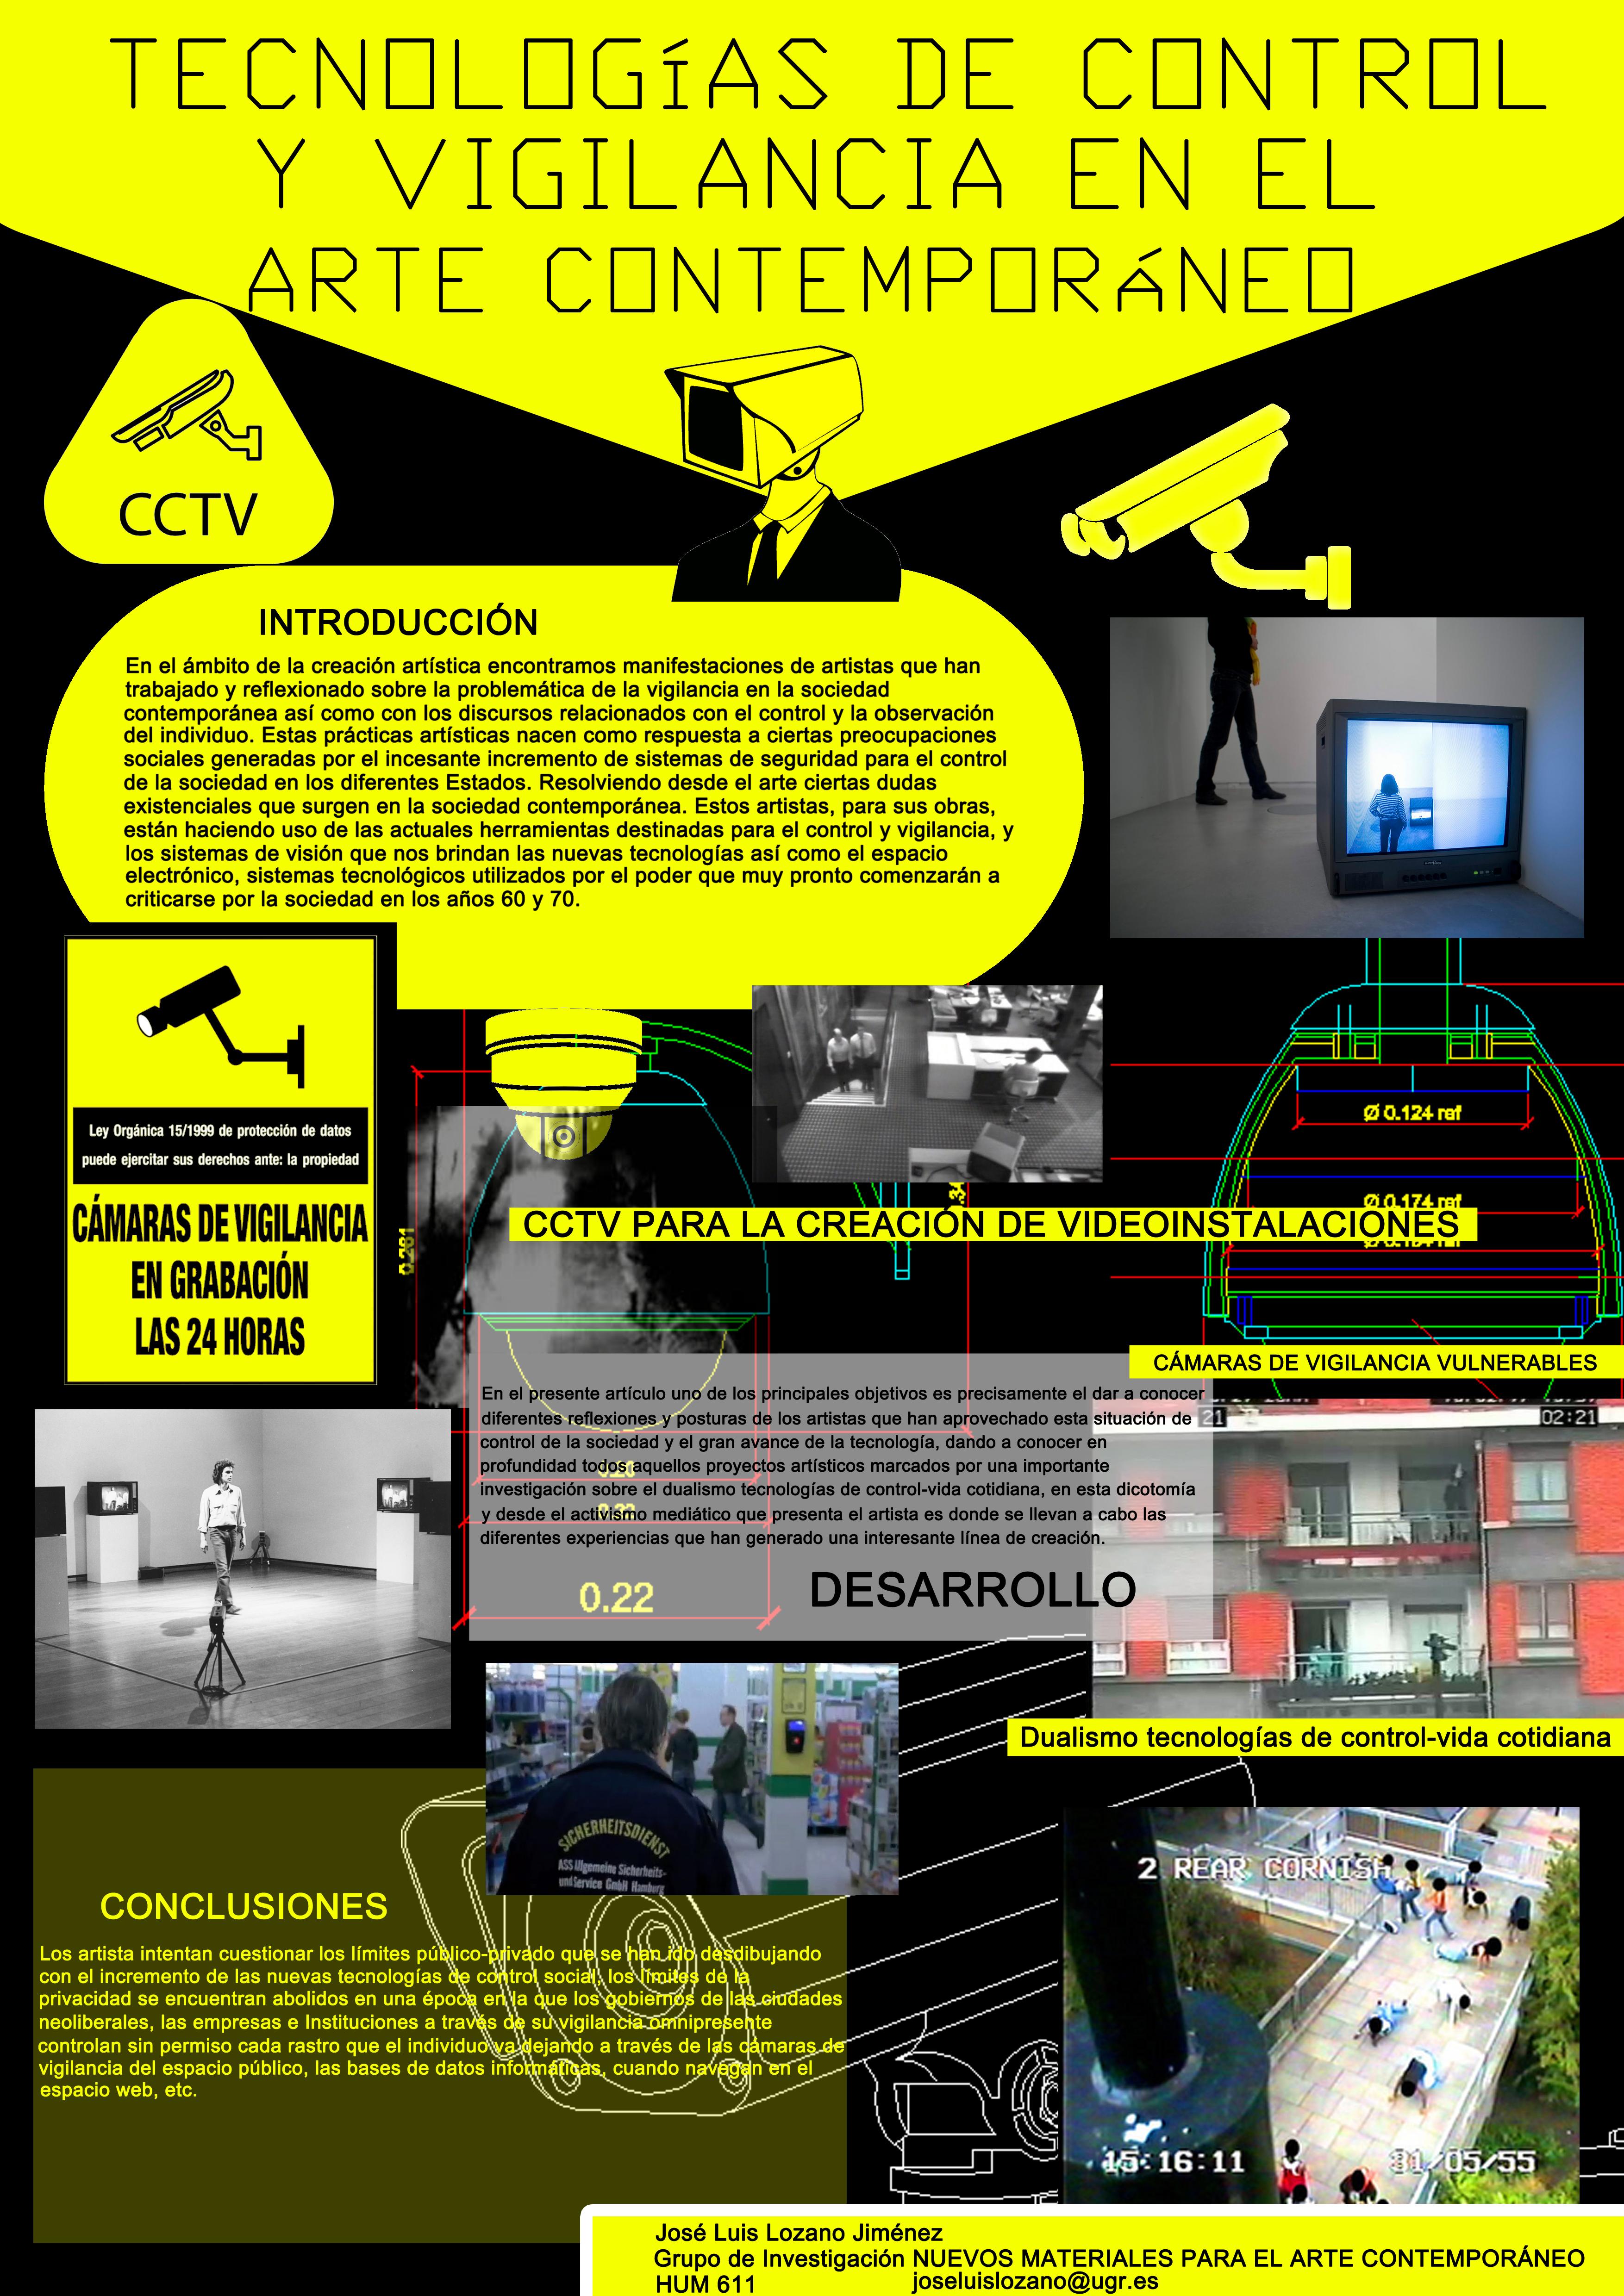 Tecnologías de control y vigilancia en el Arte Contemporáneo